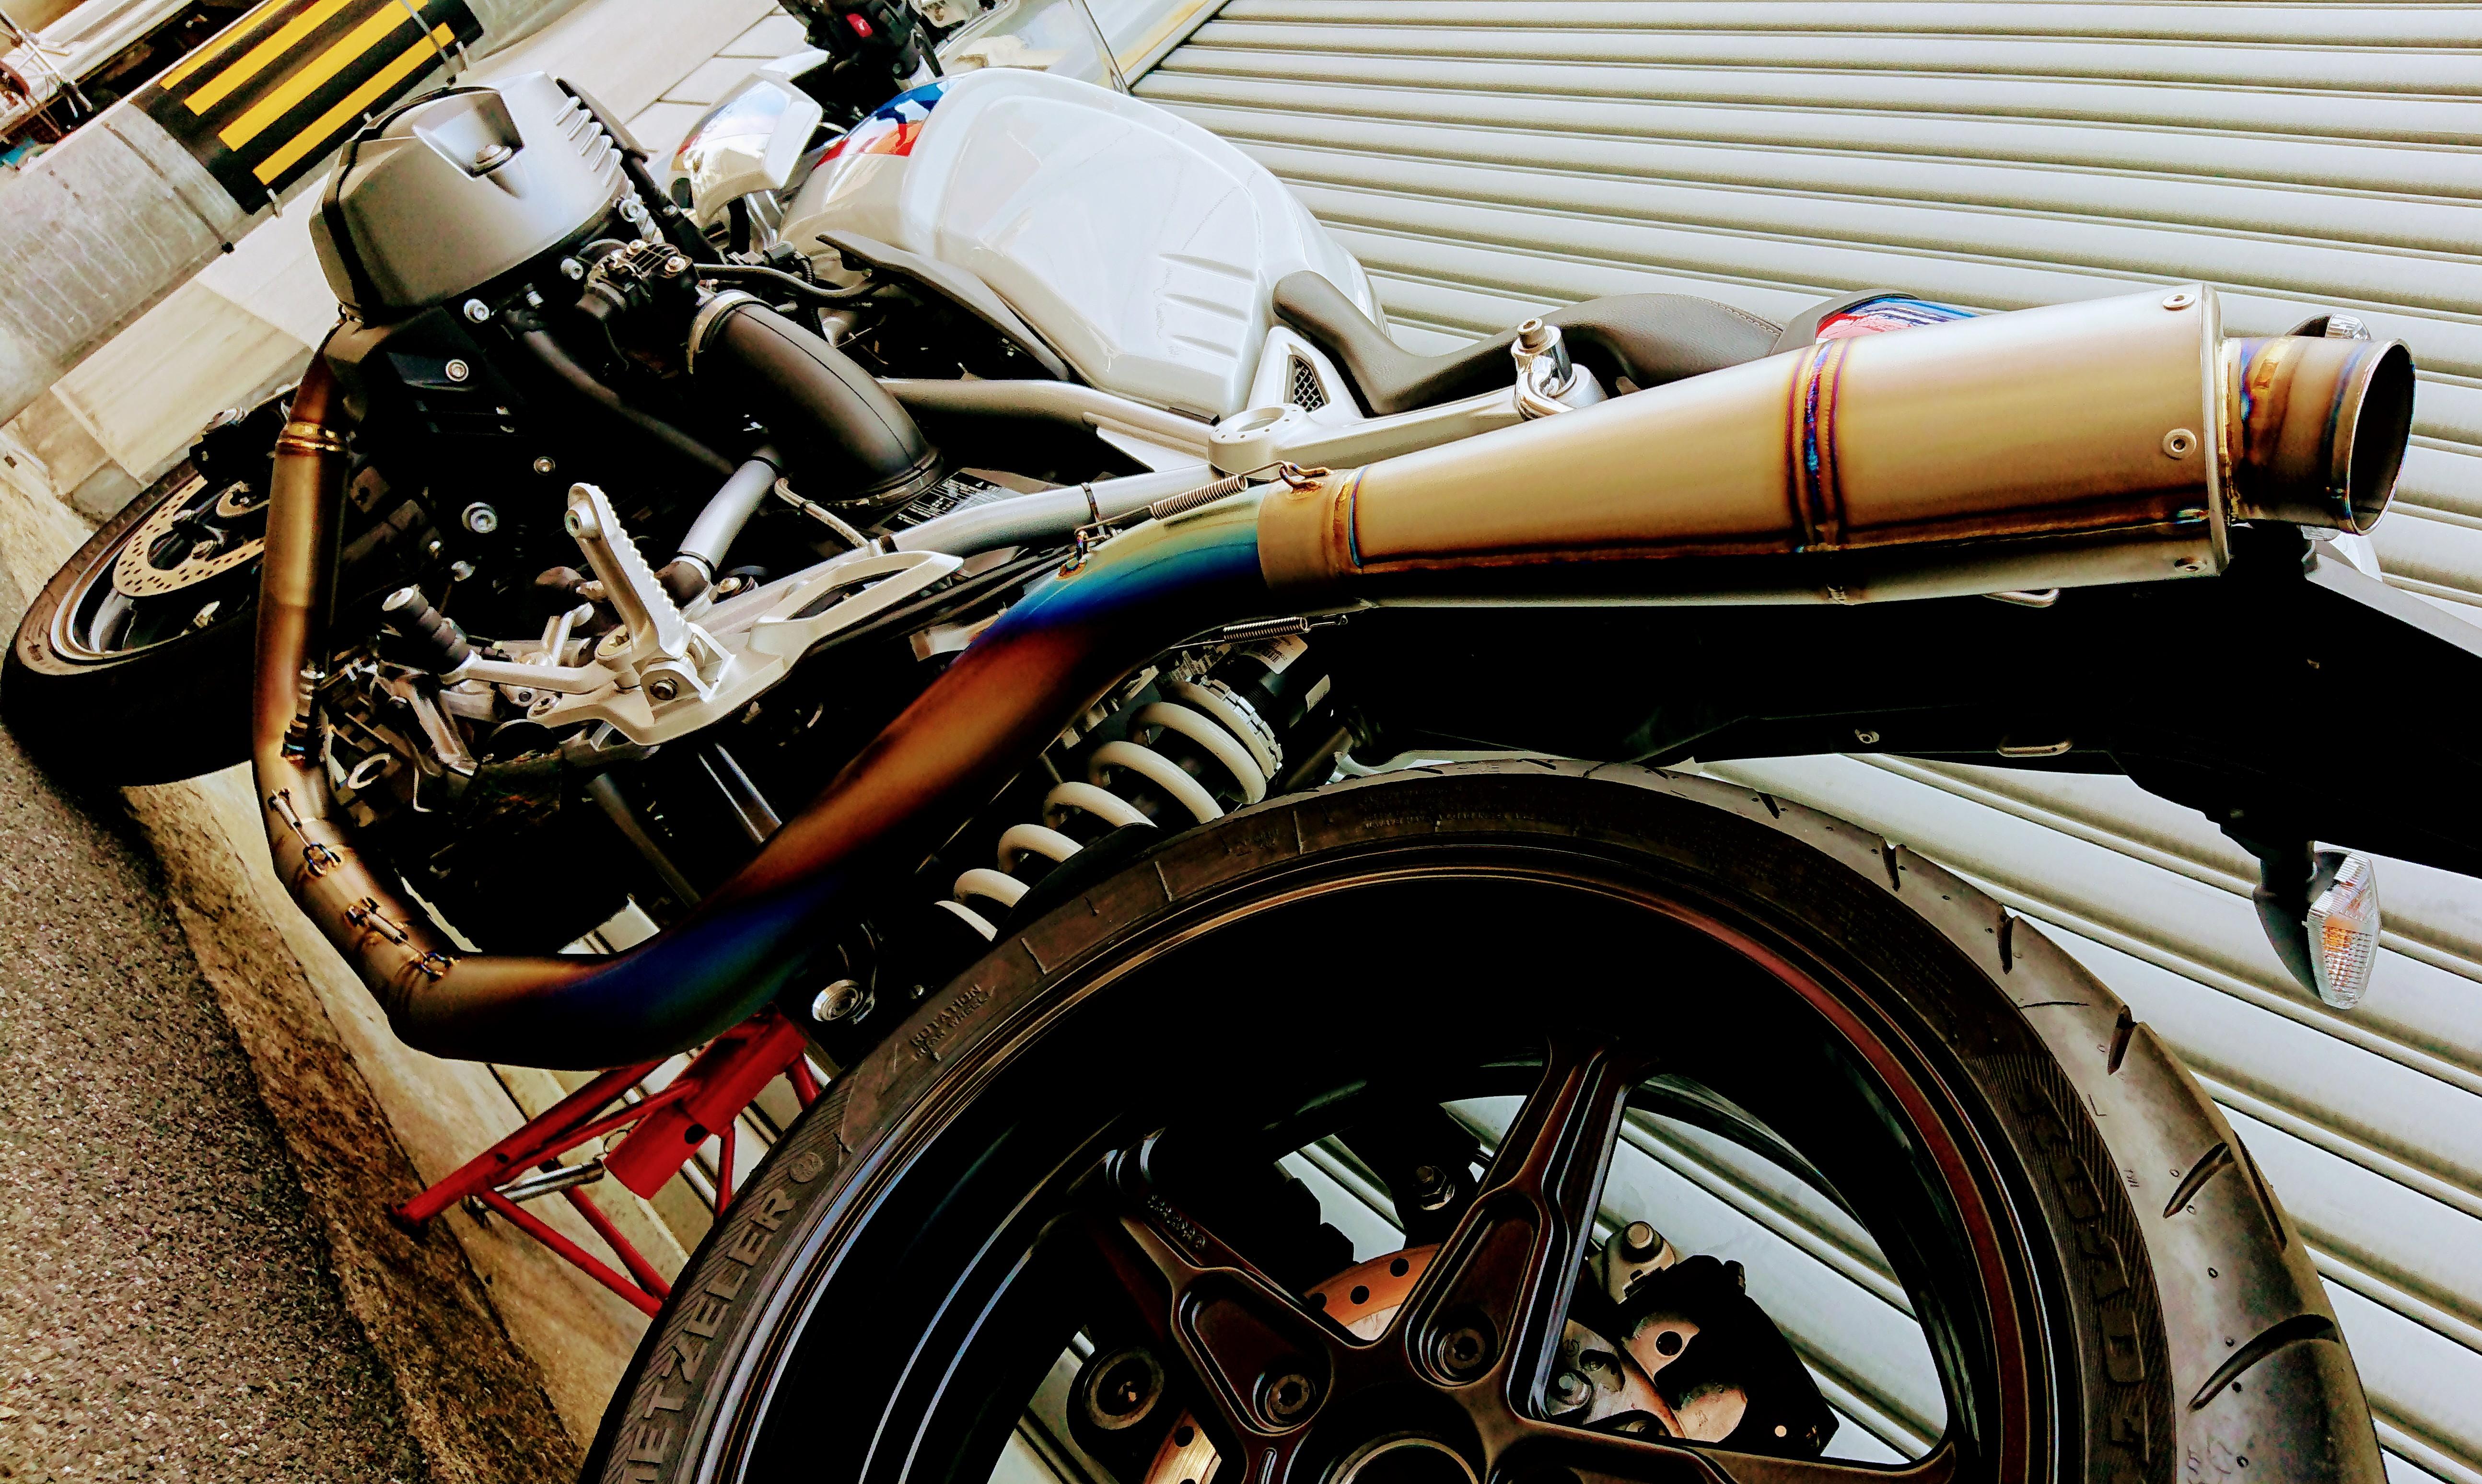 BMW R nine T フルチタンEX レーシングスペック フルチタンテーパーサイレンサー仕様